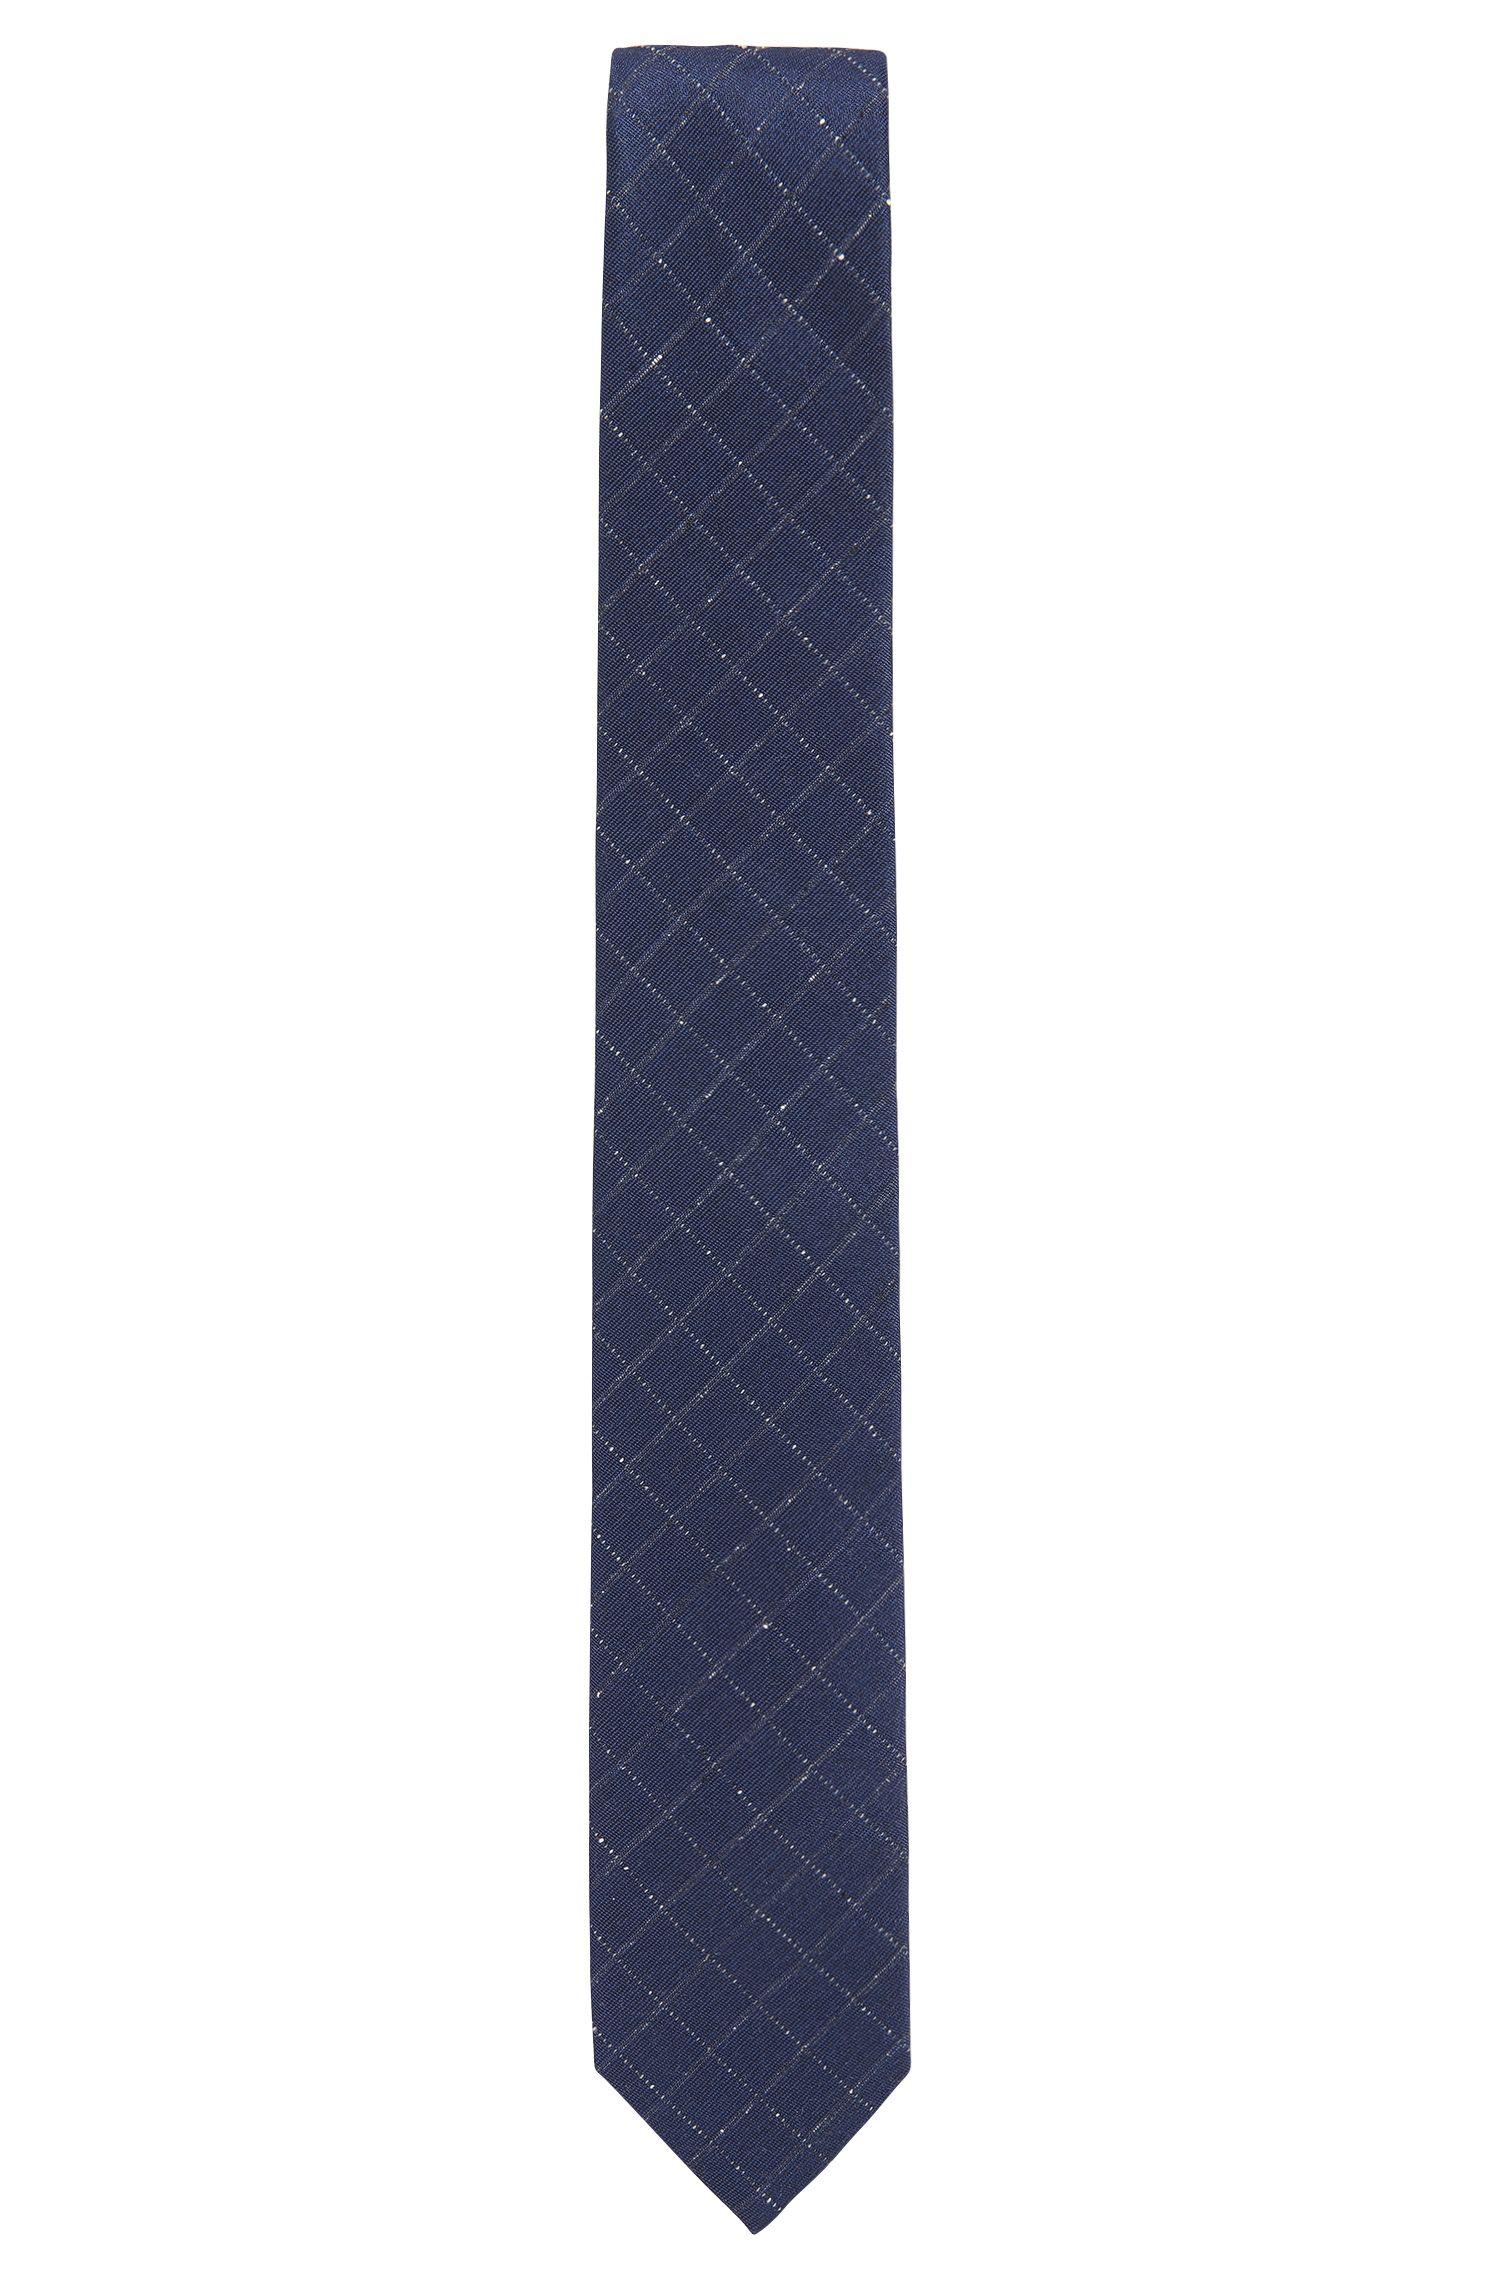 Cravate en soie mélangée à motif diamant